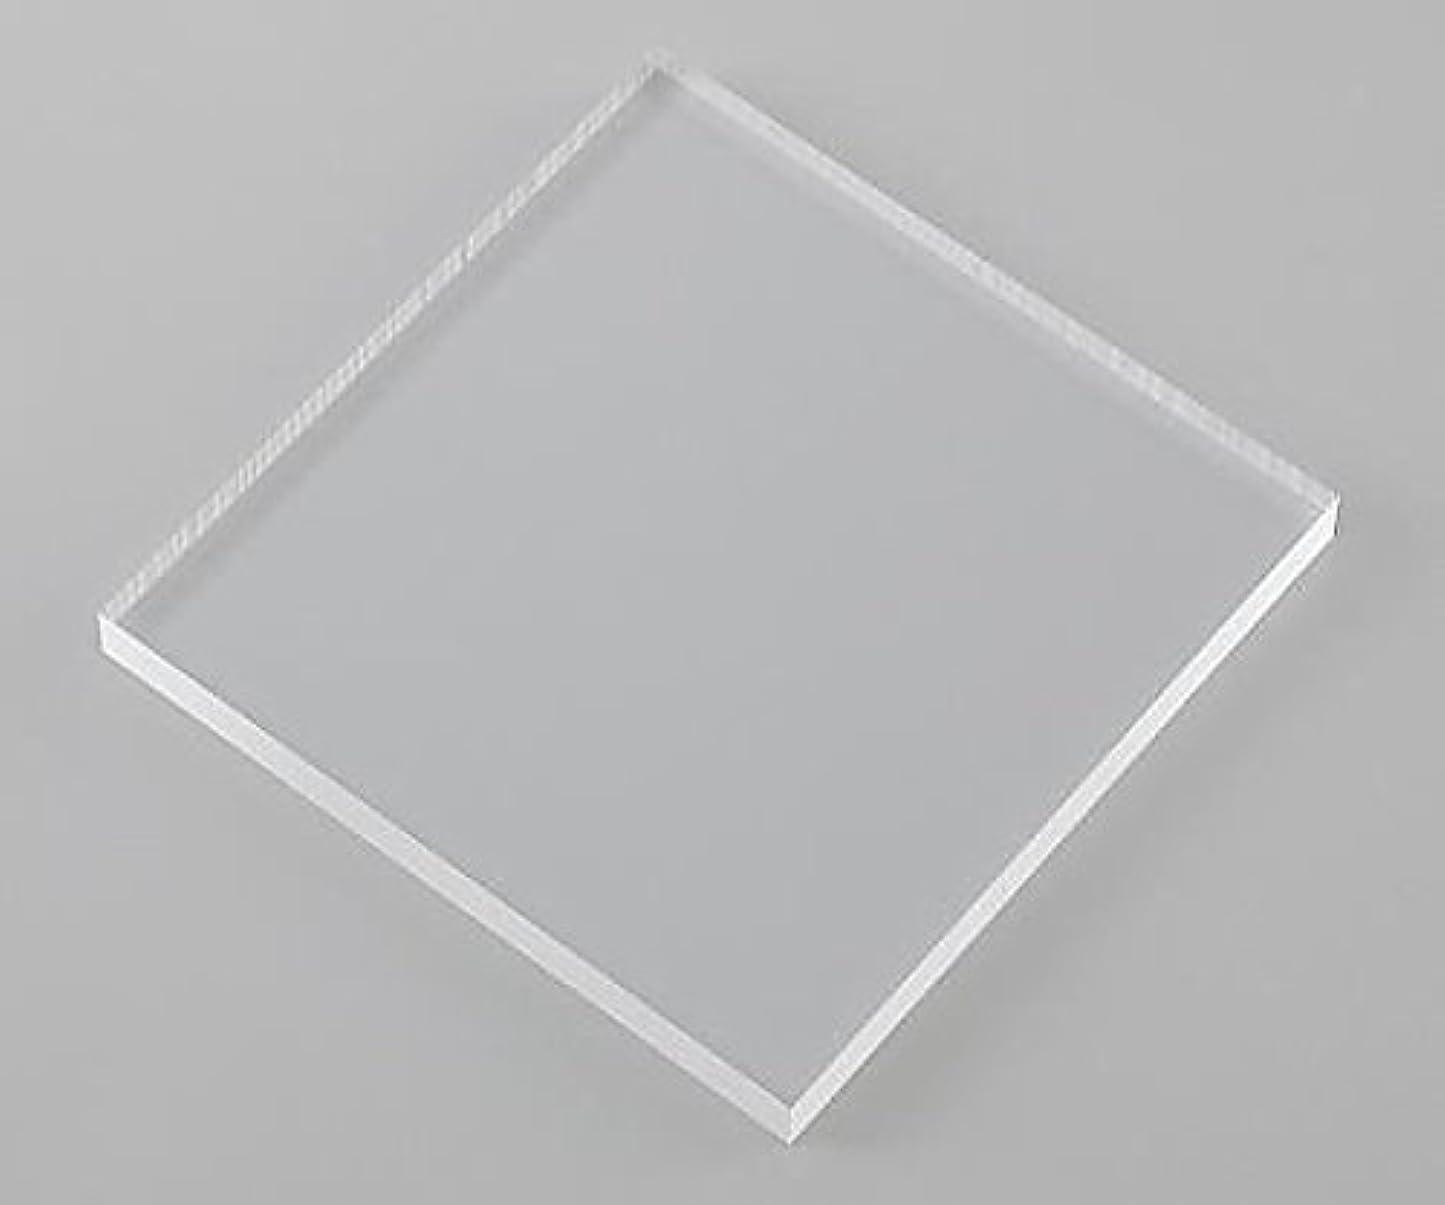 漂流ところで食用2-9207-06樹脂板材アクリル板PMMA-051010495×1000×10mm